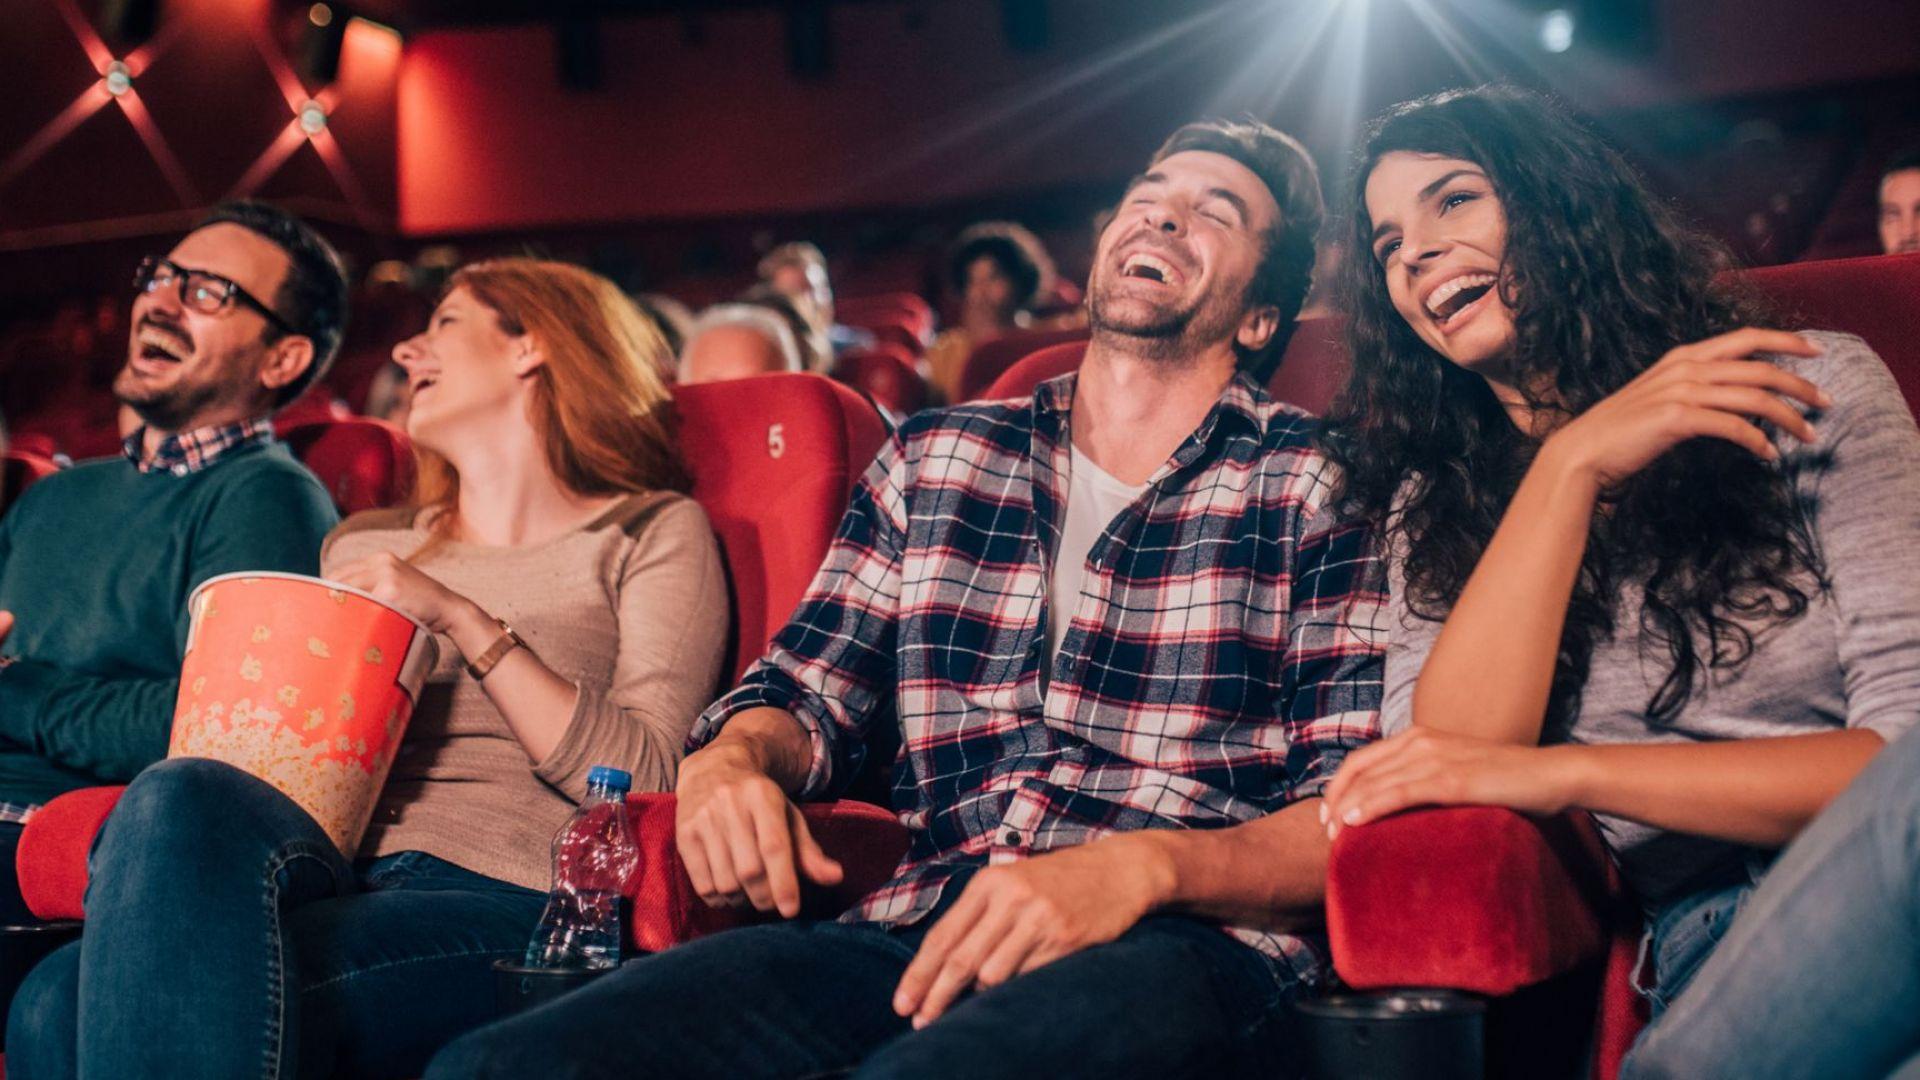 Гледането на филми състарява лицето